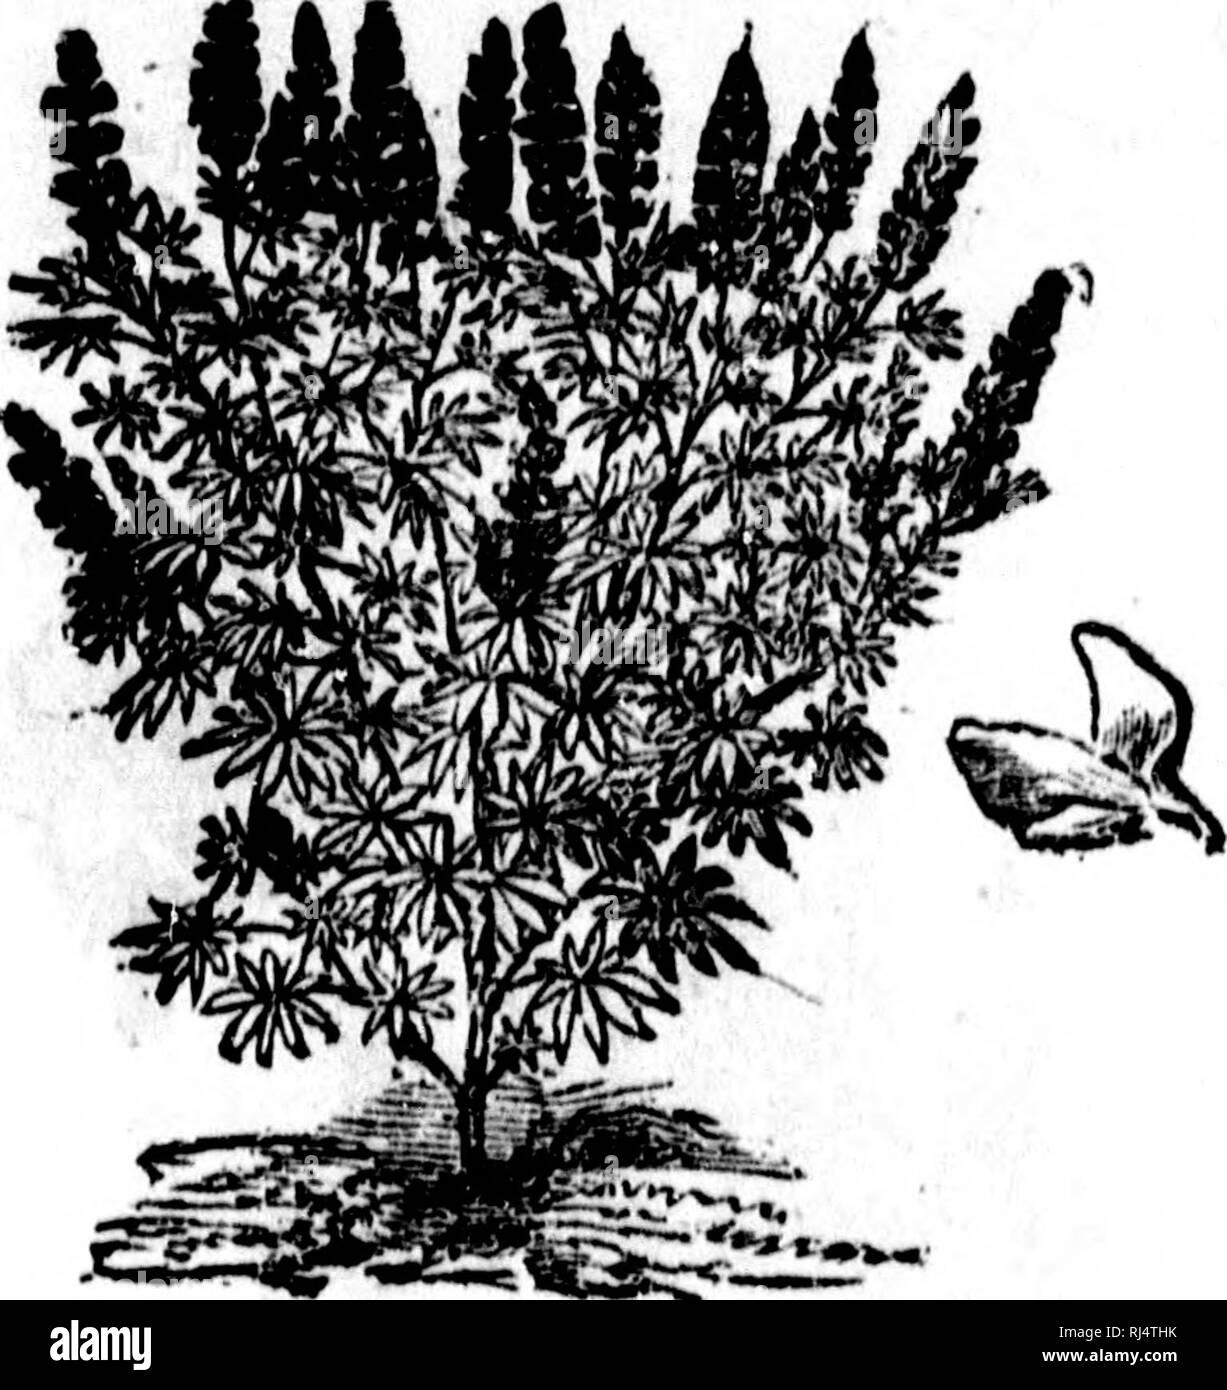 . Le verger, le potager et le parterre dans la province de Québec ou Culture raisonnée des fruits, légumes et fleurs qui peuvent réussir sous le climat de Québec [microforme]. Horticulture fruitière; Horticulture potagère; Fleurs; Fruit-culture; Vegetable gardening; Flowers. ANNUELLES RUSTmUES. 241 plus ounnoîns cotonneuseg, sont surtout recliorchéea pour les luagnifiqtie» épis de fleurs qu'elles présentent.. :â¢â¢ Fig. 81. Lupin alllé| bleu, blanc et pourpre, joli et gracieux ;  p. â blanC-rOUgeâtre, d'un rose rouge jusqu'à la moitié do l'épi, et de U jusqu'à l'extrémité bl Stock Photo